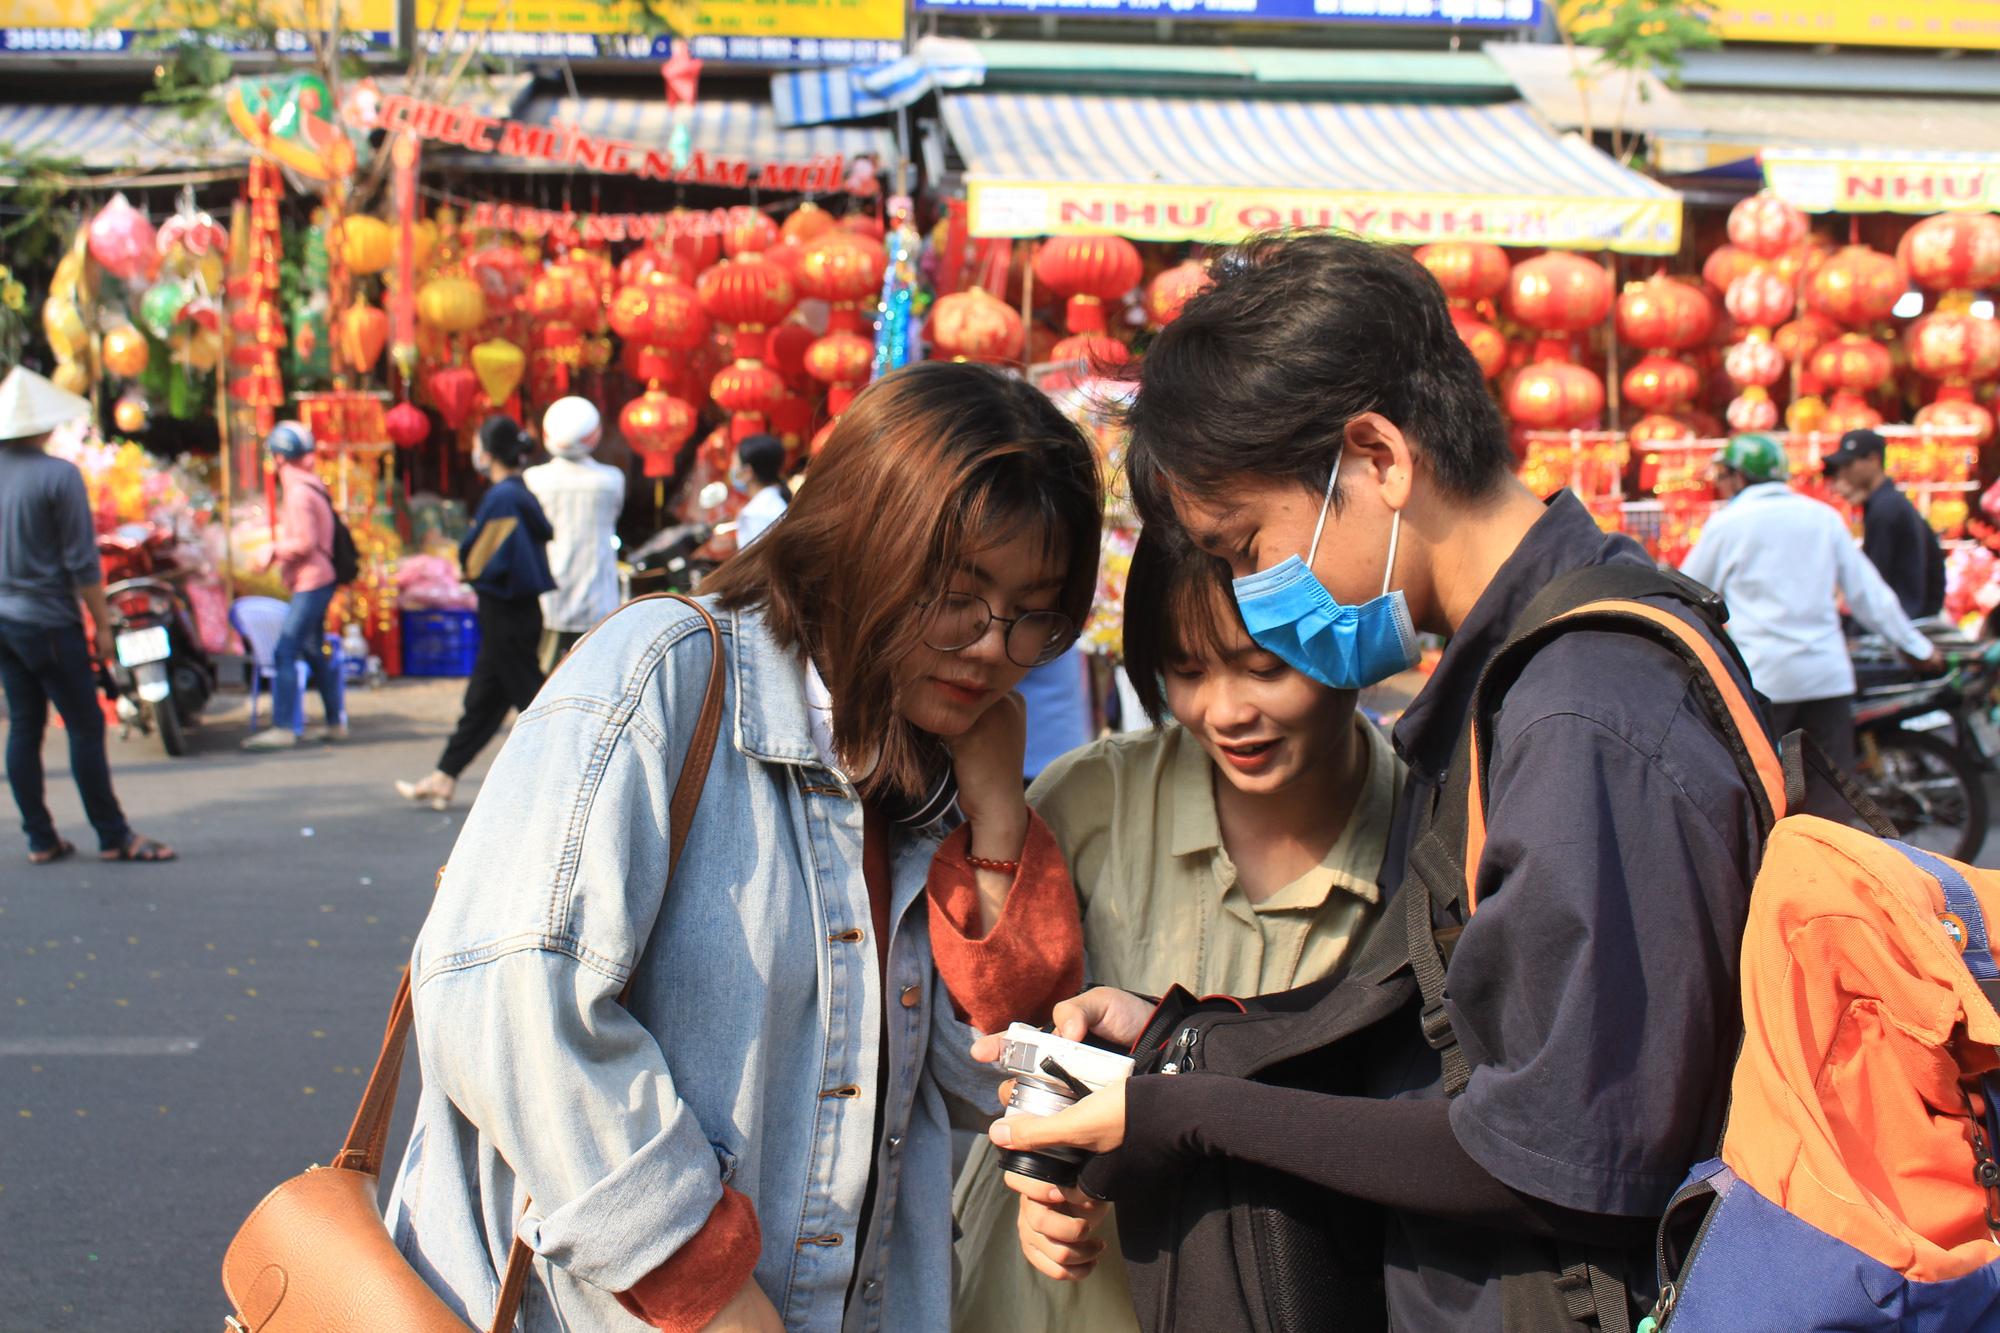 Giới trẻ check-in tuyến đường tết đỏ rực ở Sài Gòn, người bán vui vẻ nhưng tiết lộ điều này - Ảnh 2.